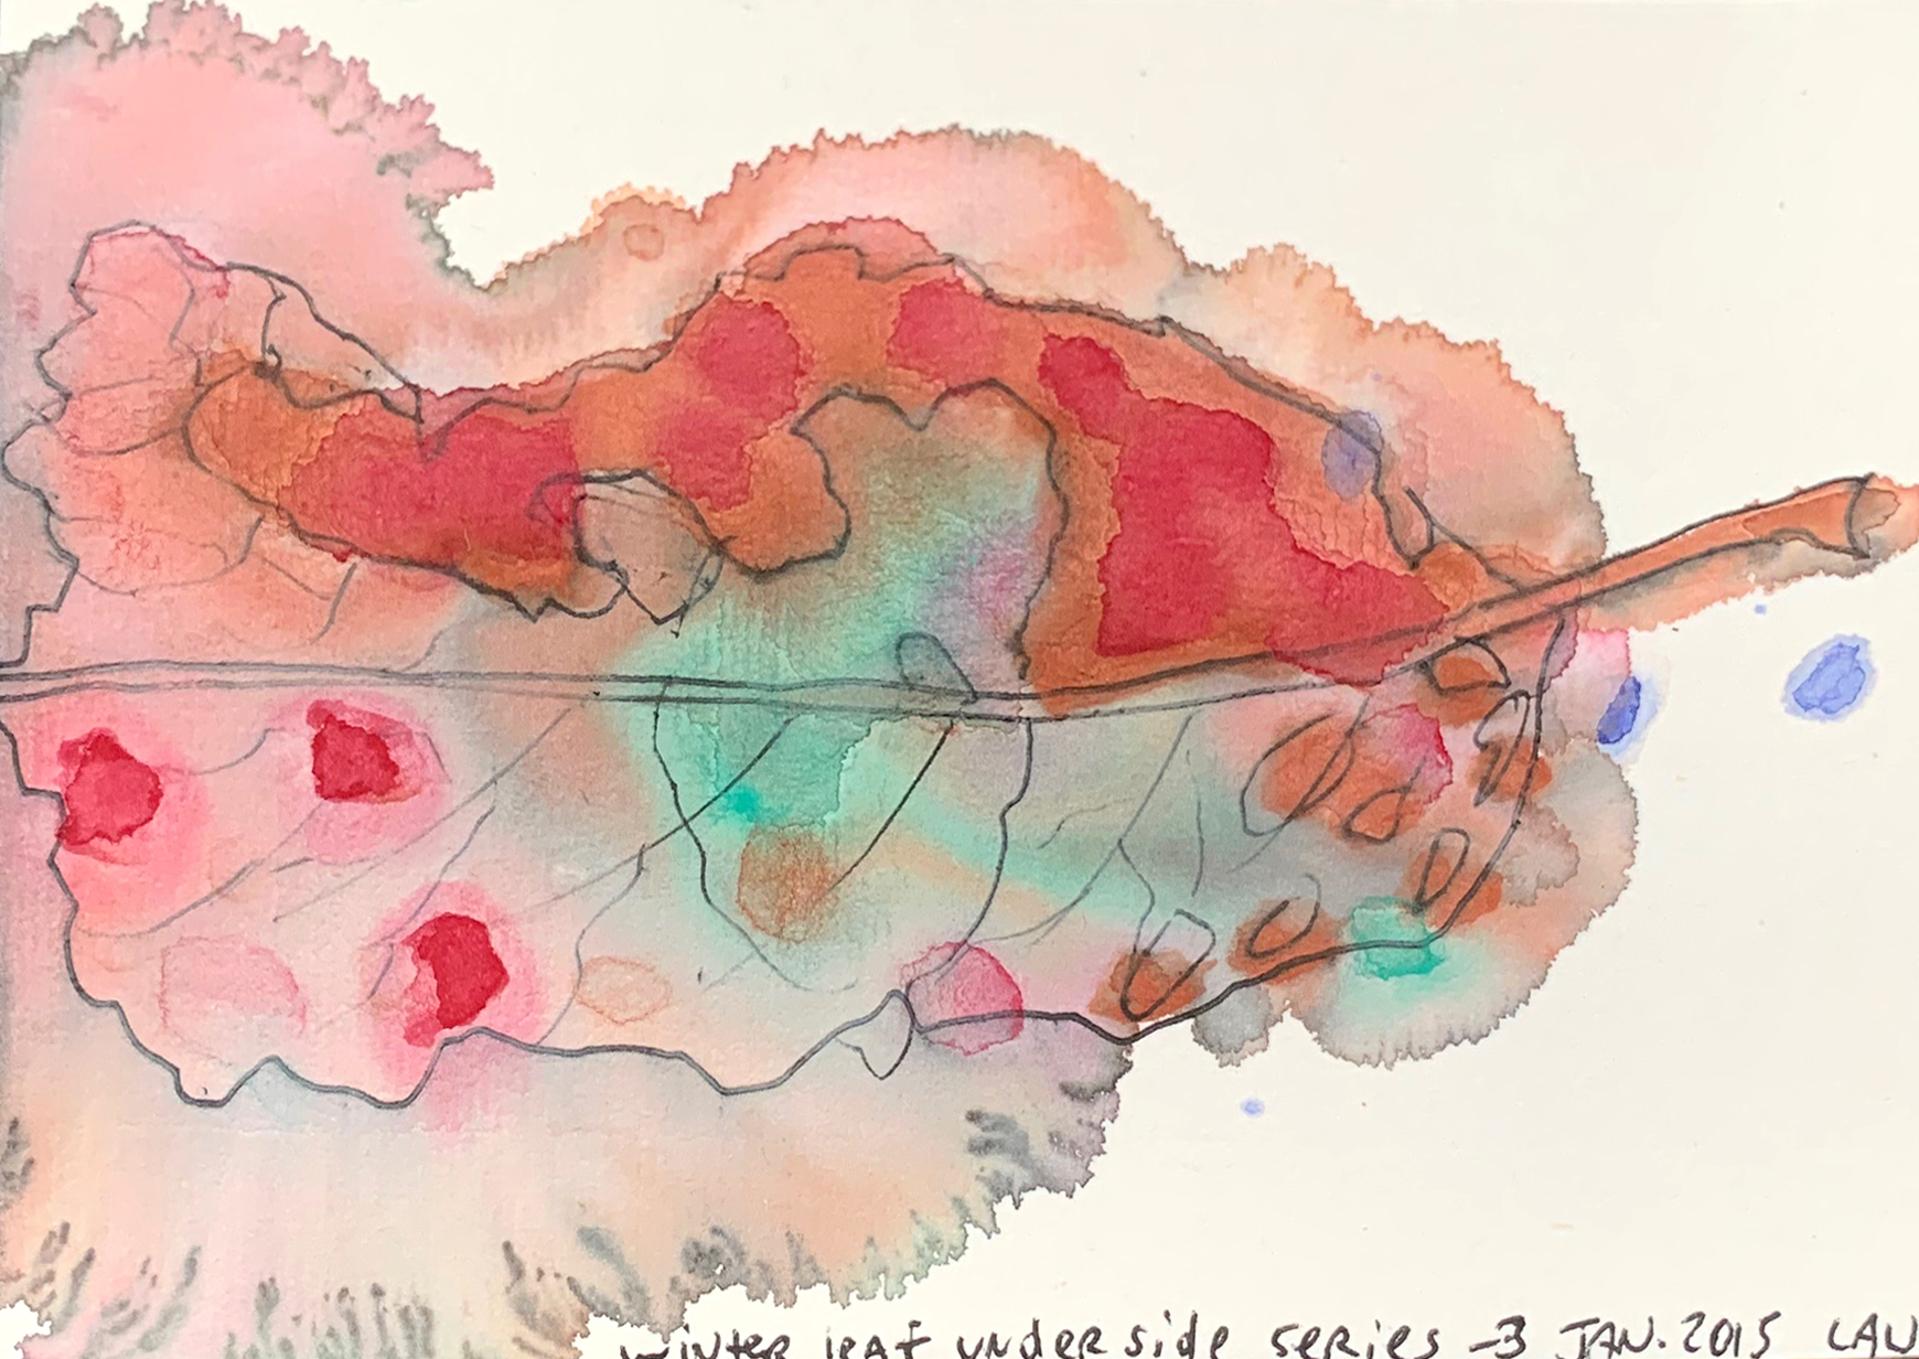 Winter Leaf Underside series 3 by Alan Lau